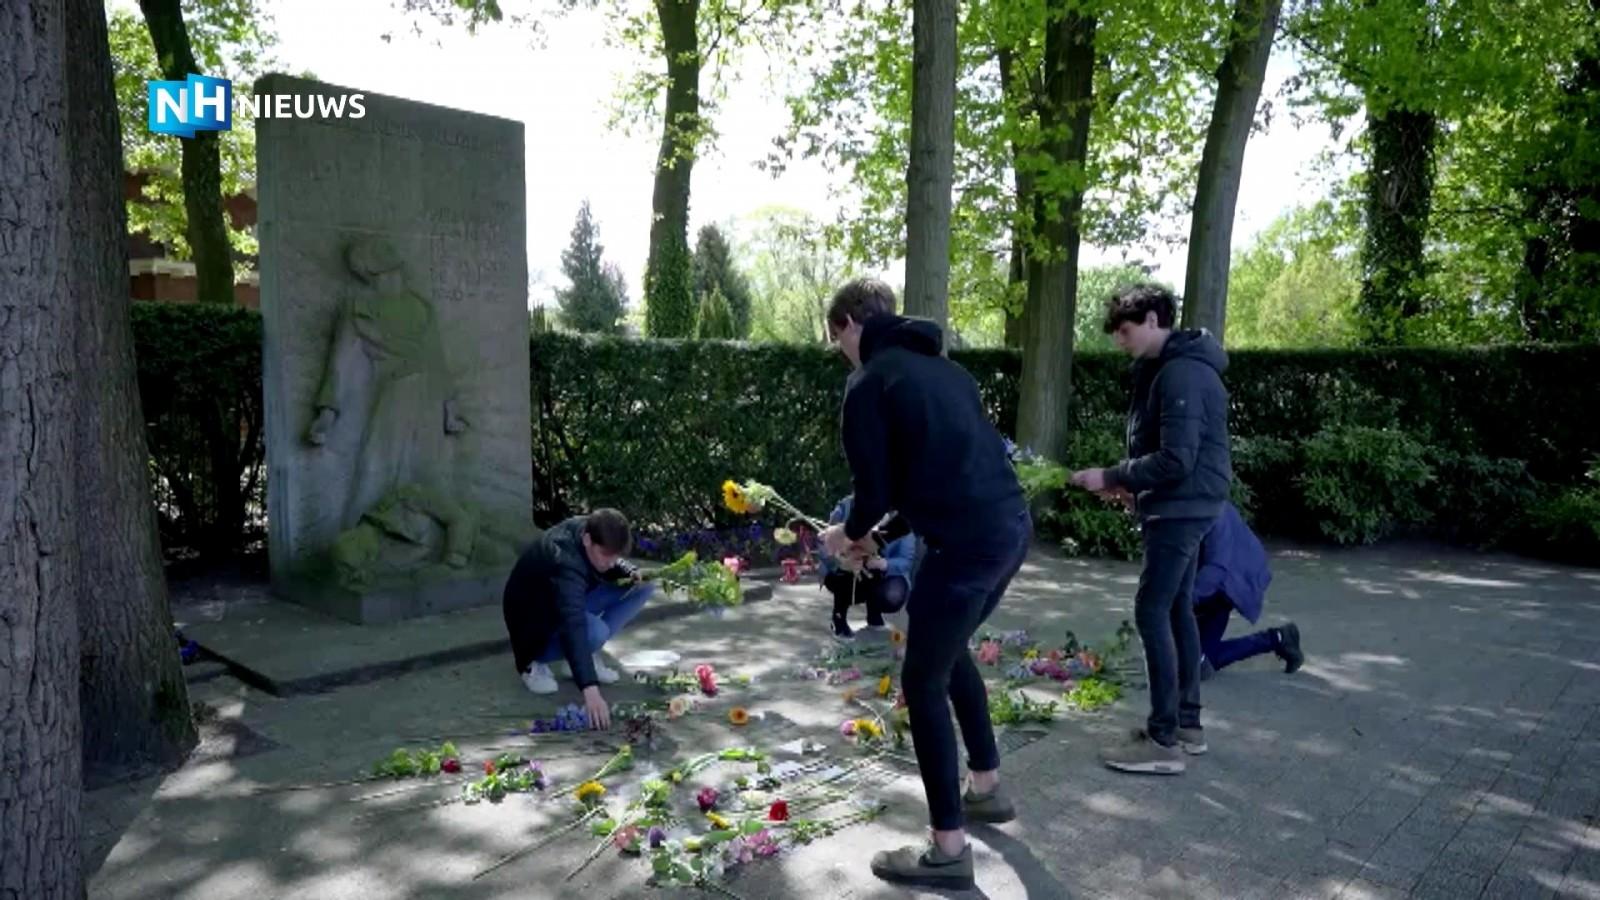 Huizen herdenkt oorlogsslachtoffers met bijzondere herdenkingsvideo